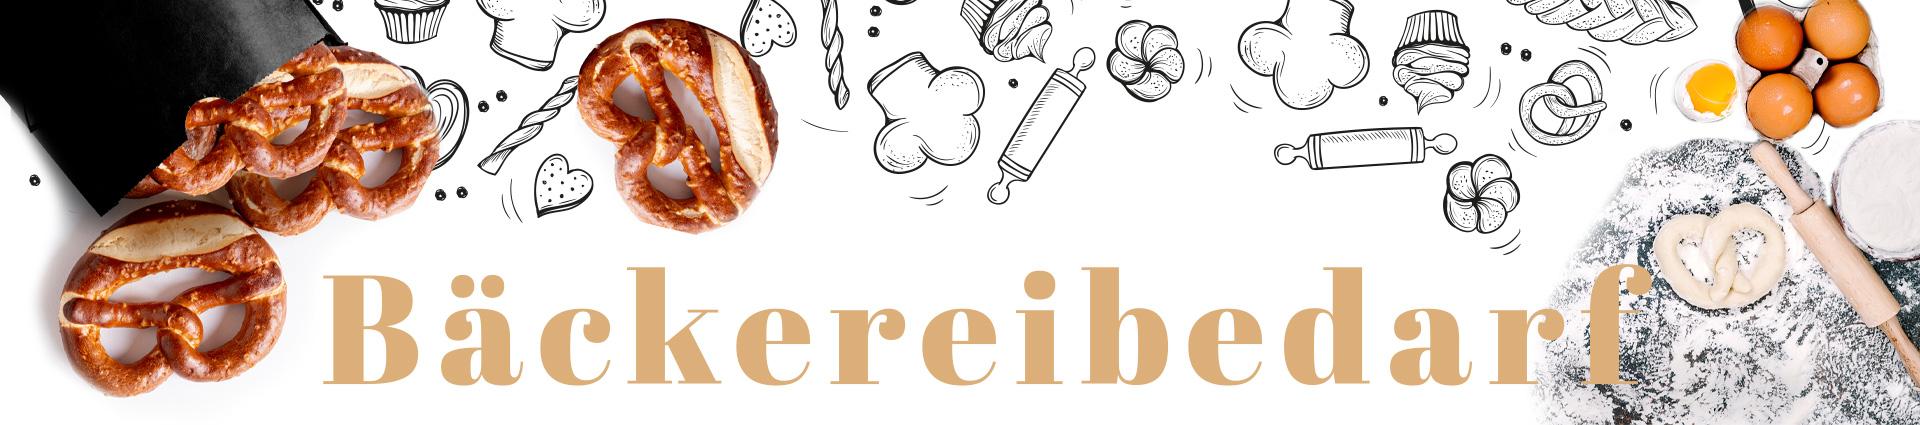 Bäckereibedarf Banner